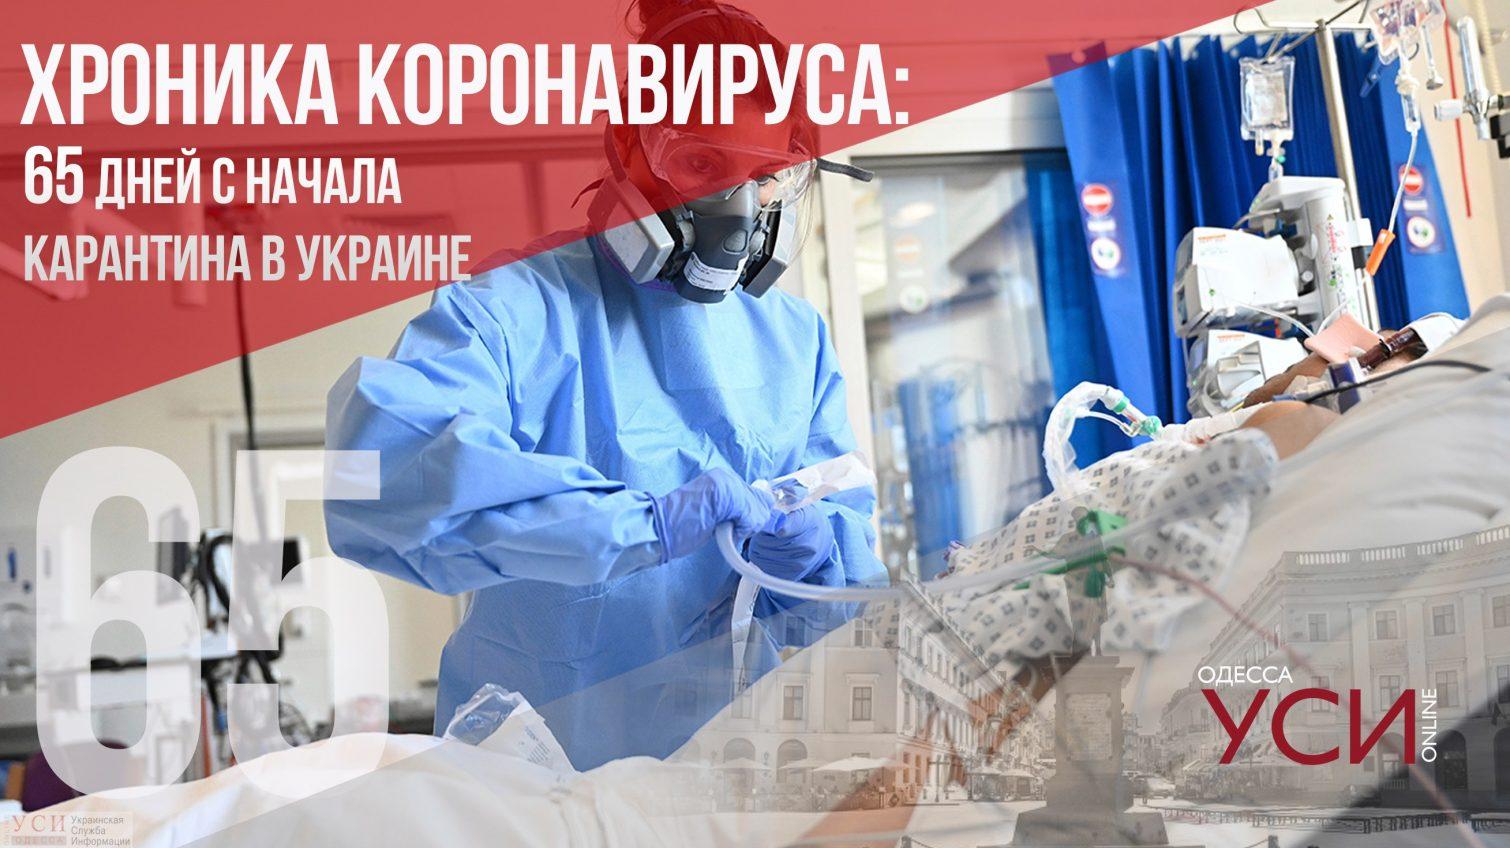 Хроника коронавируса: 65 дней с начала карантина в Украине (карта) «фото»